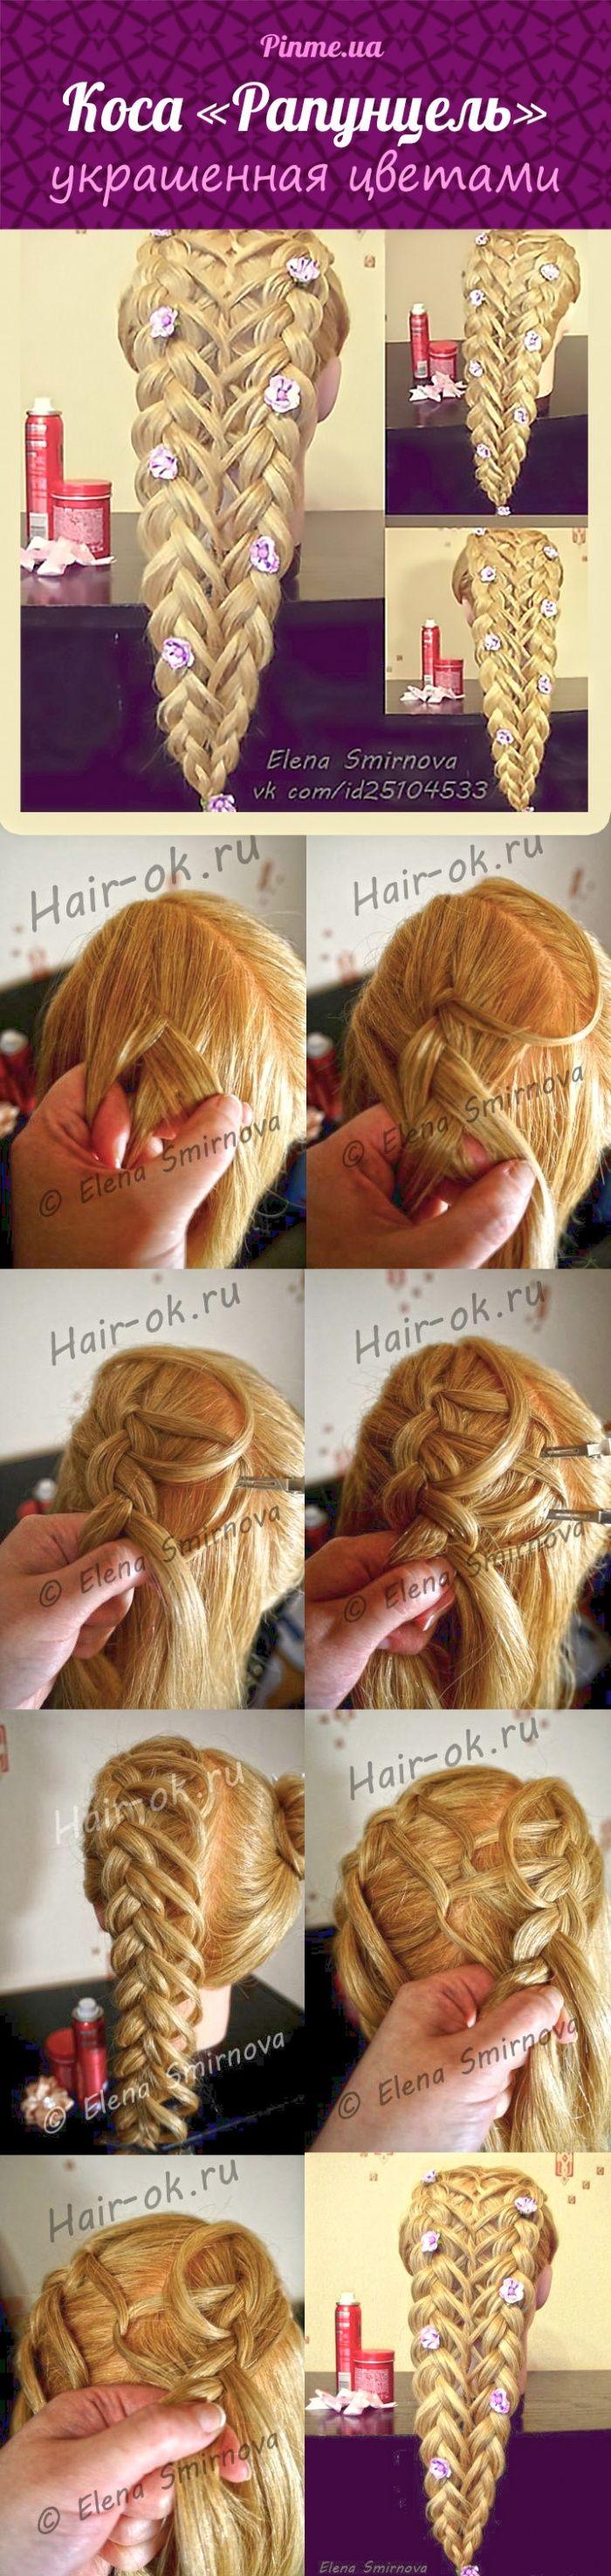 Мк плетение косичек для девочек фото пошагово